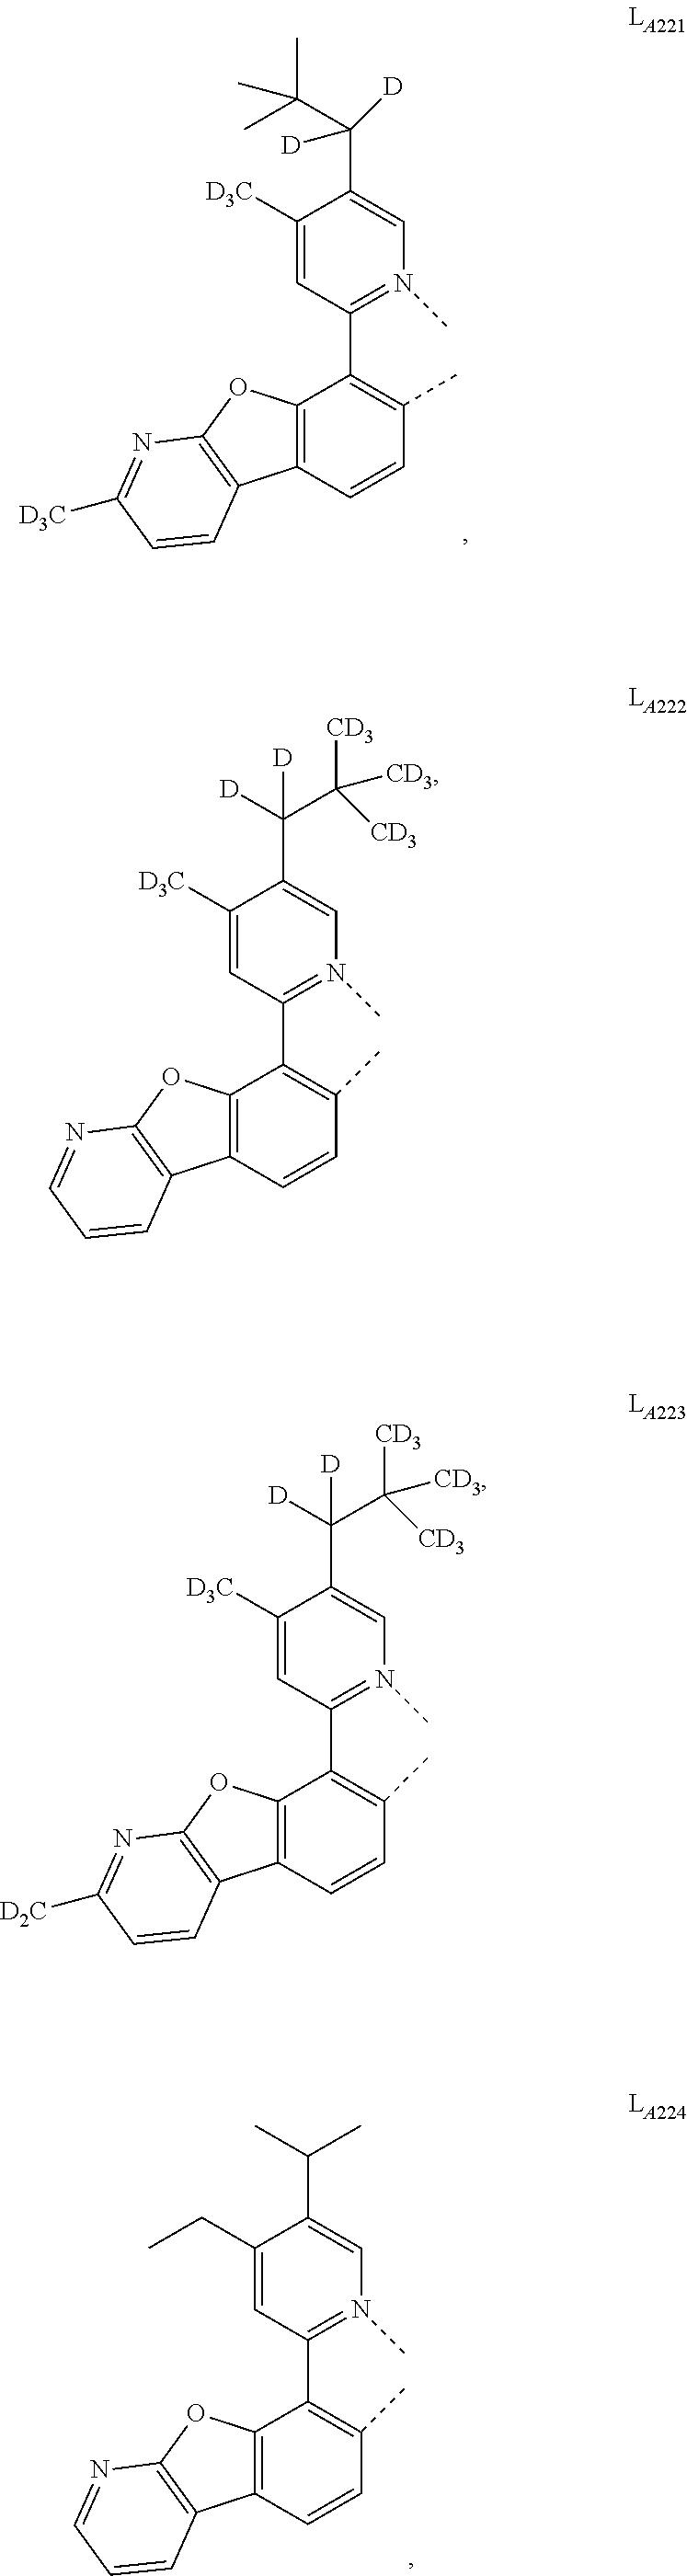 Figure US20160049599A1-20160218-C00060